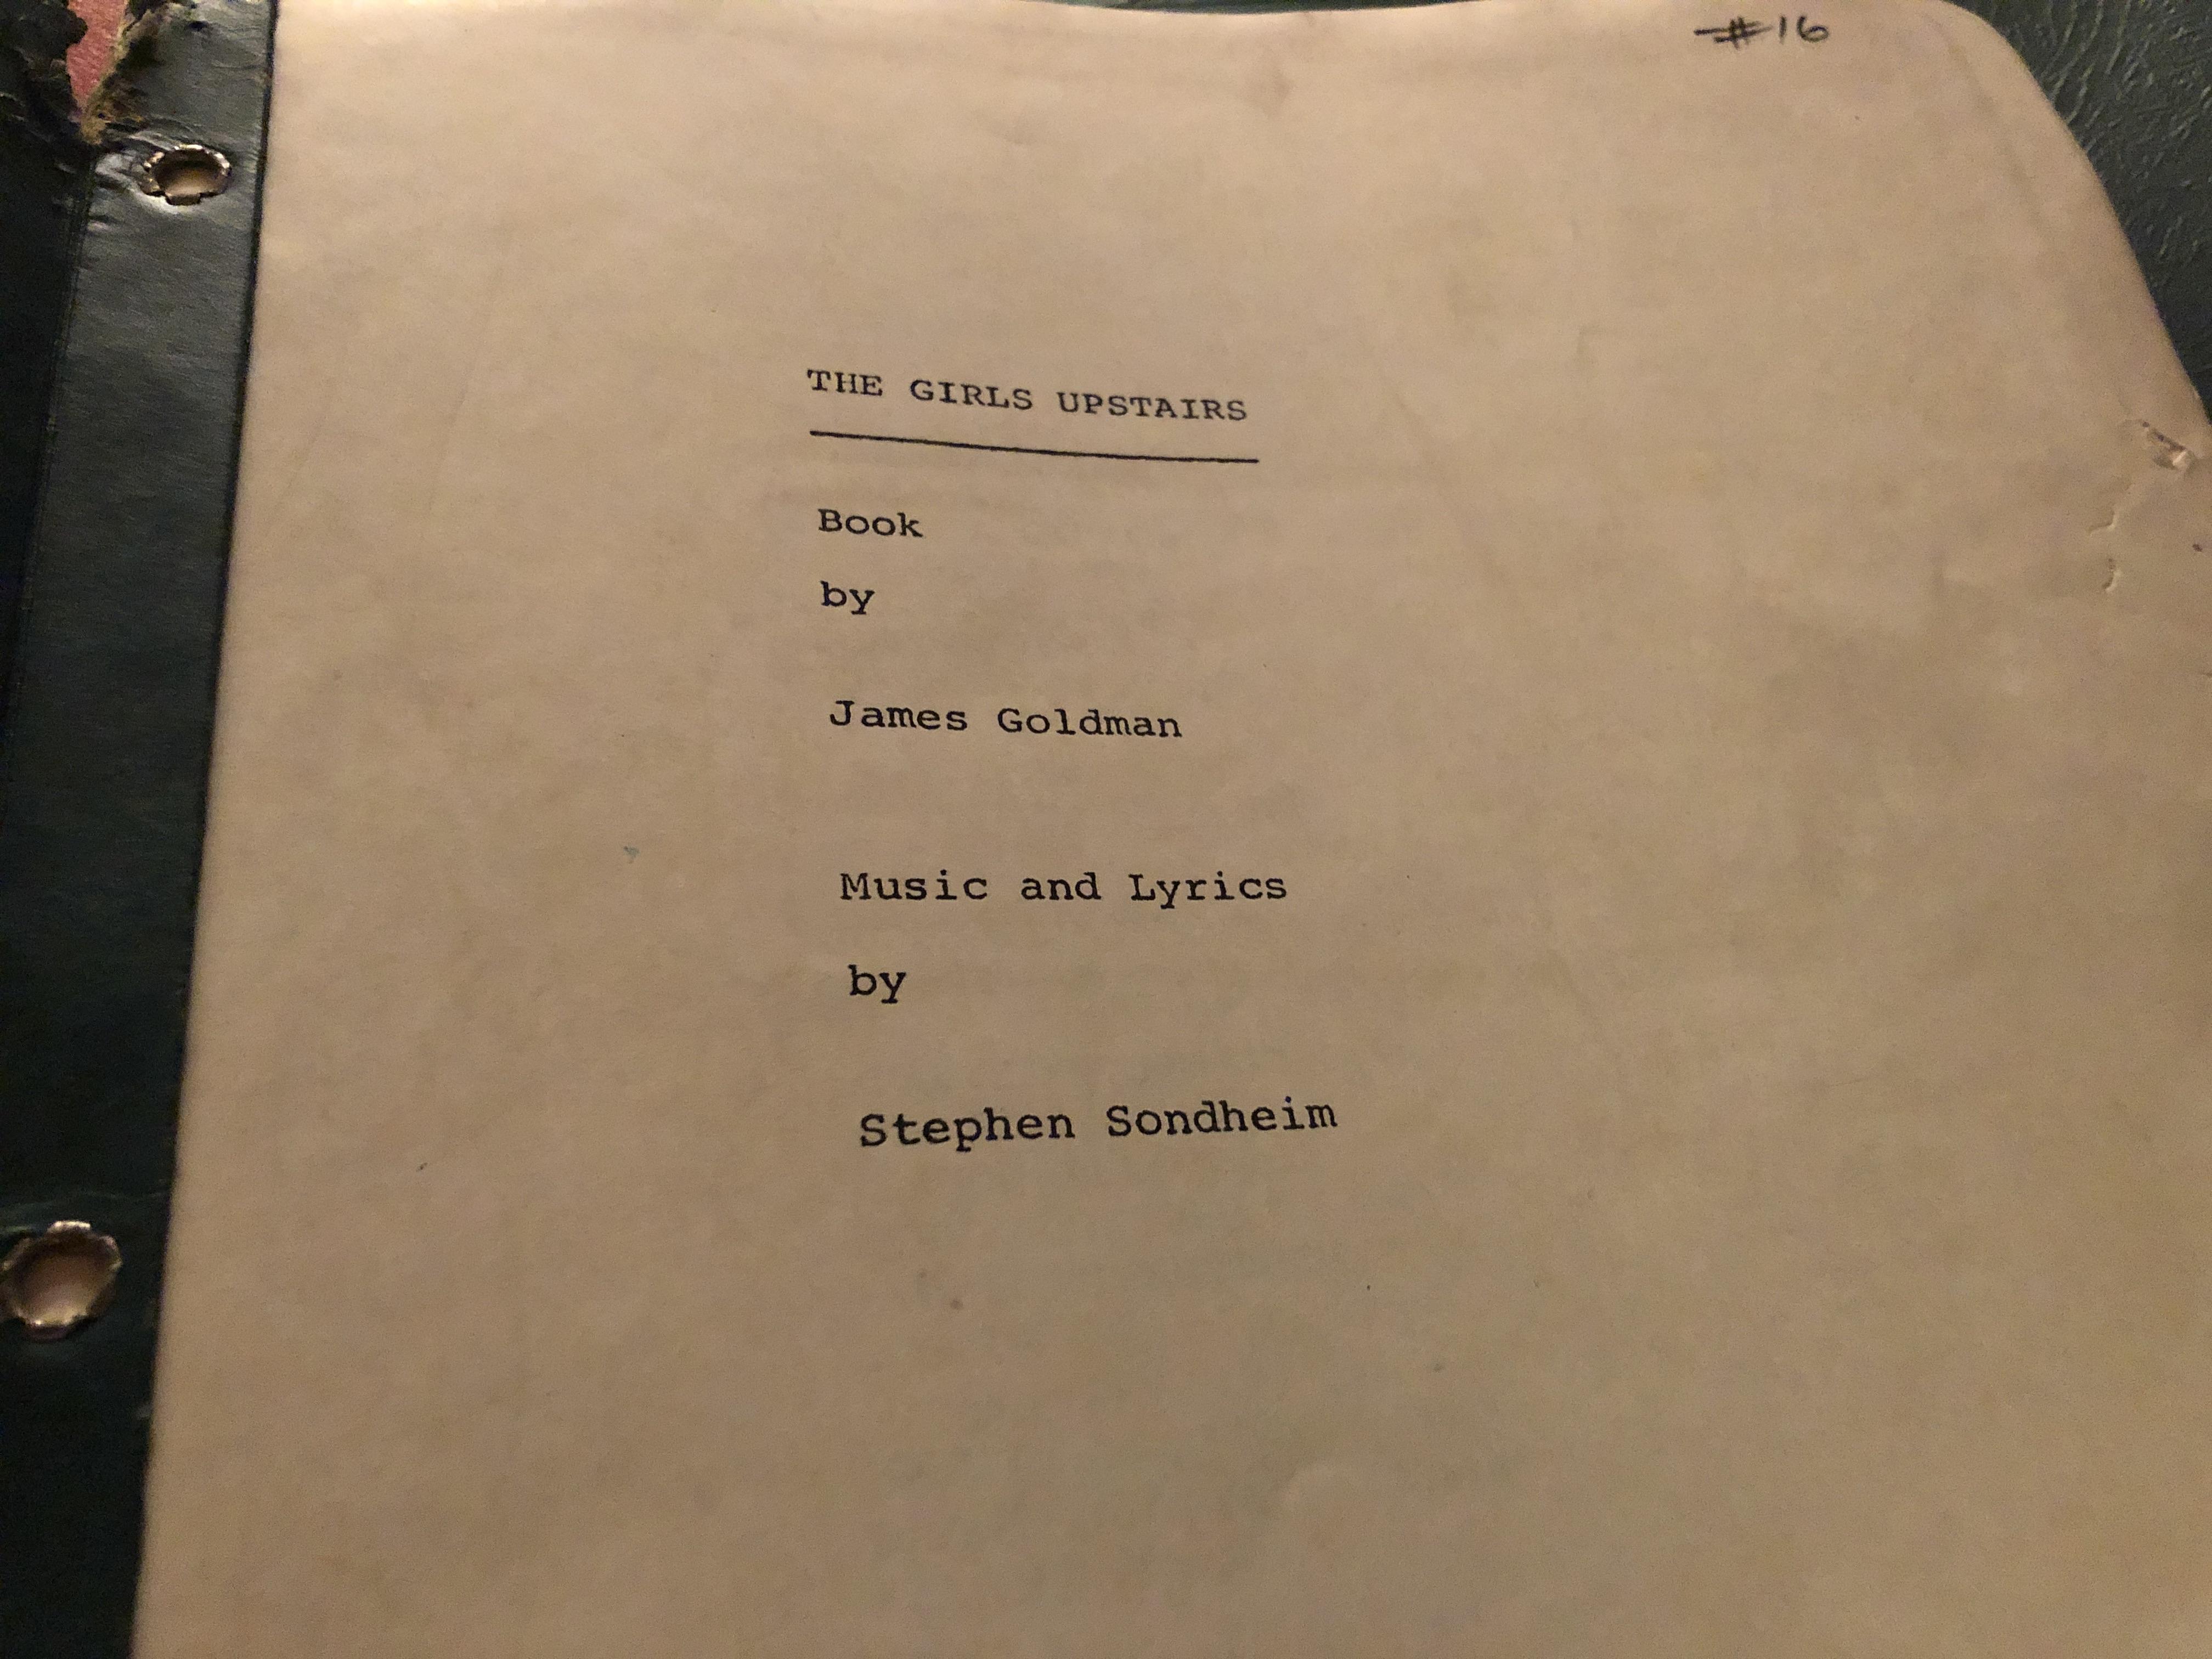 The Girls Upstairs 1968 Draft